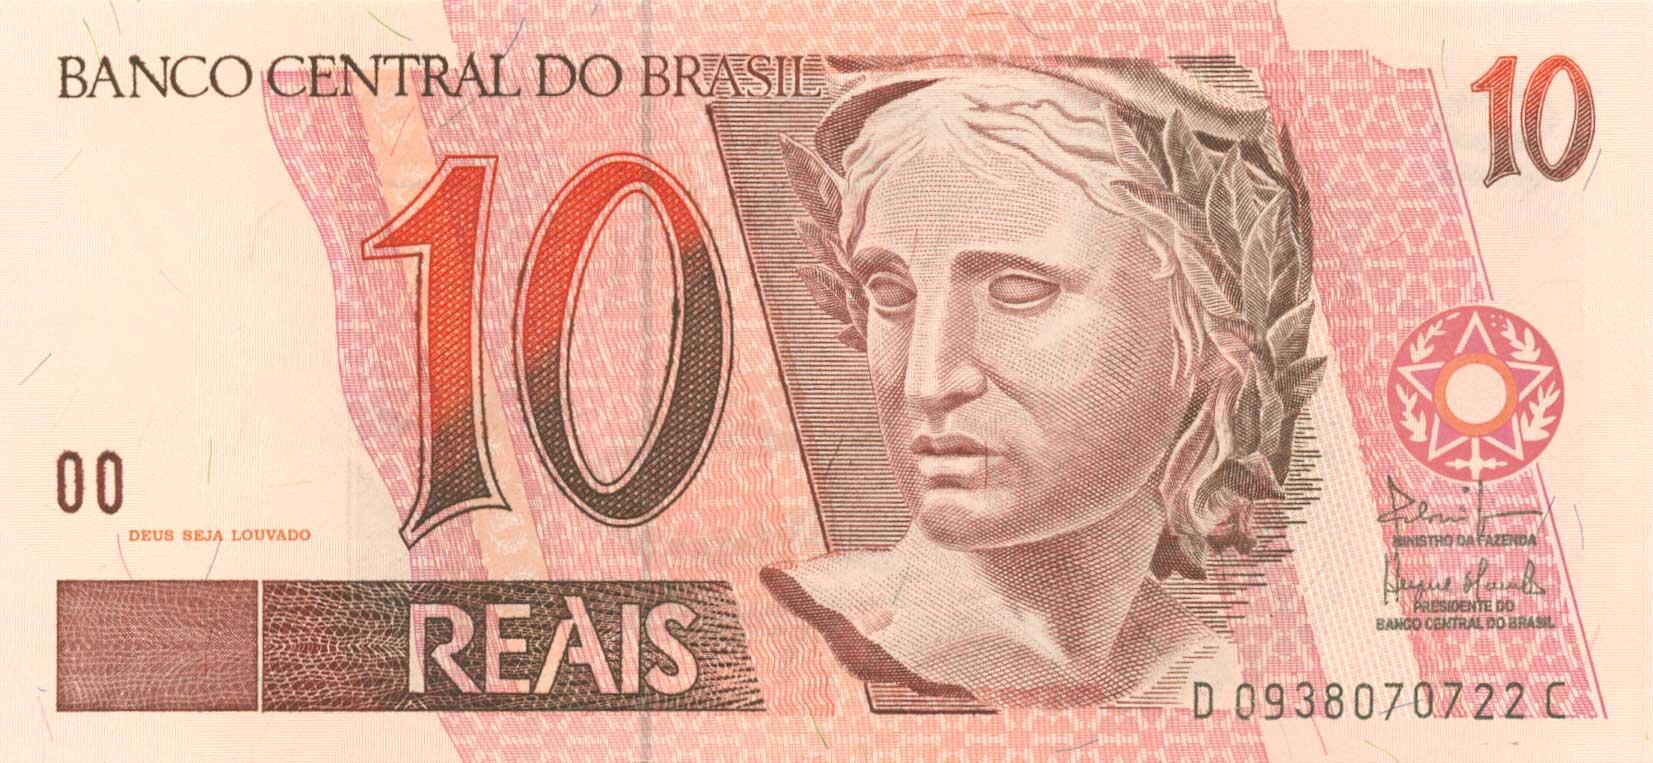 BRA-0245Ah-a